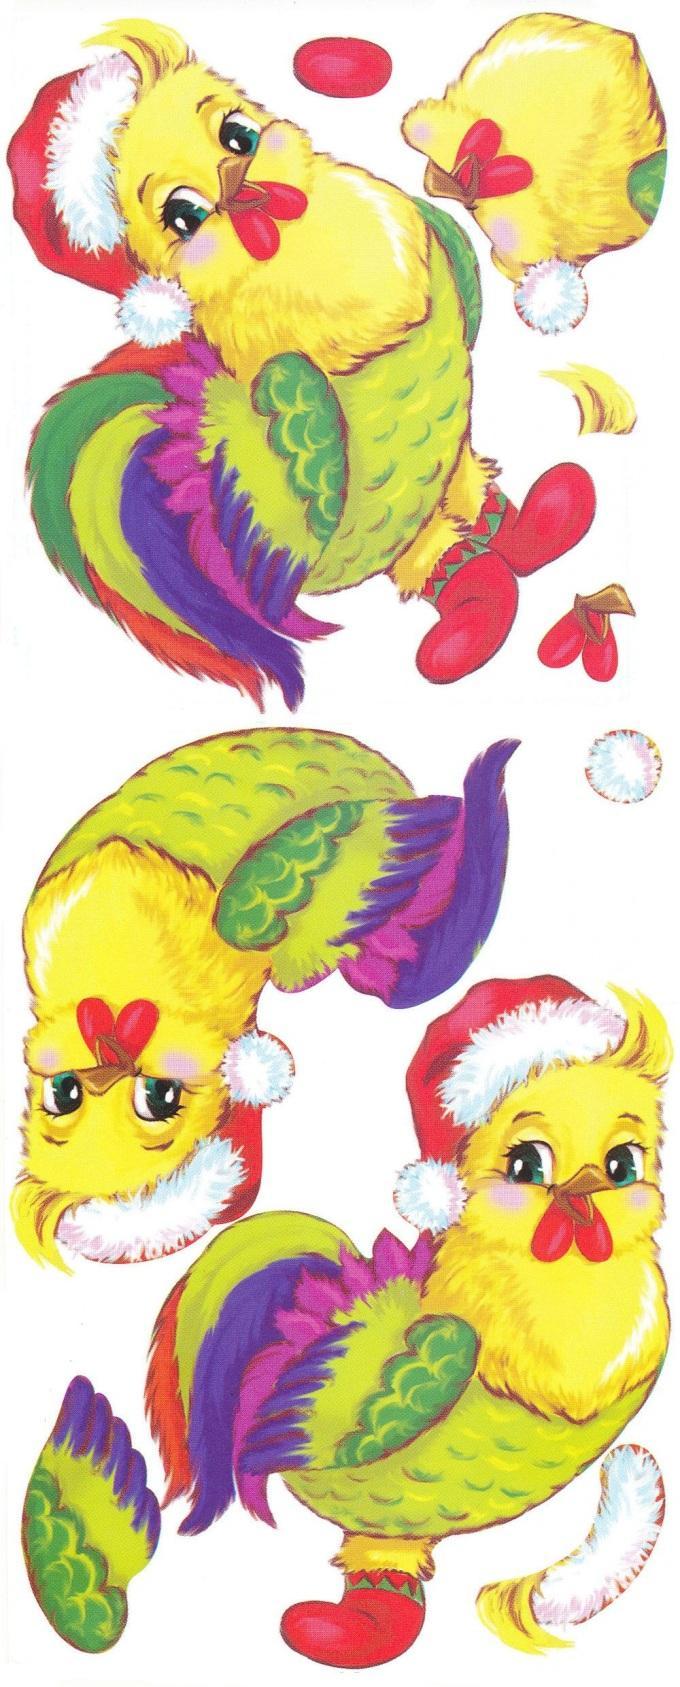 Шаблон новогоднего петуха для открытки